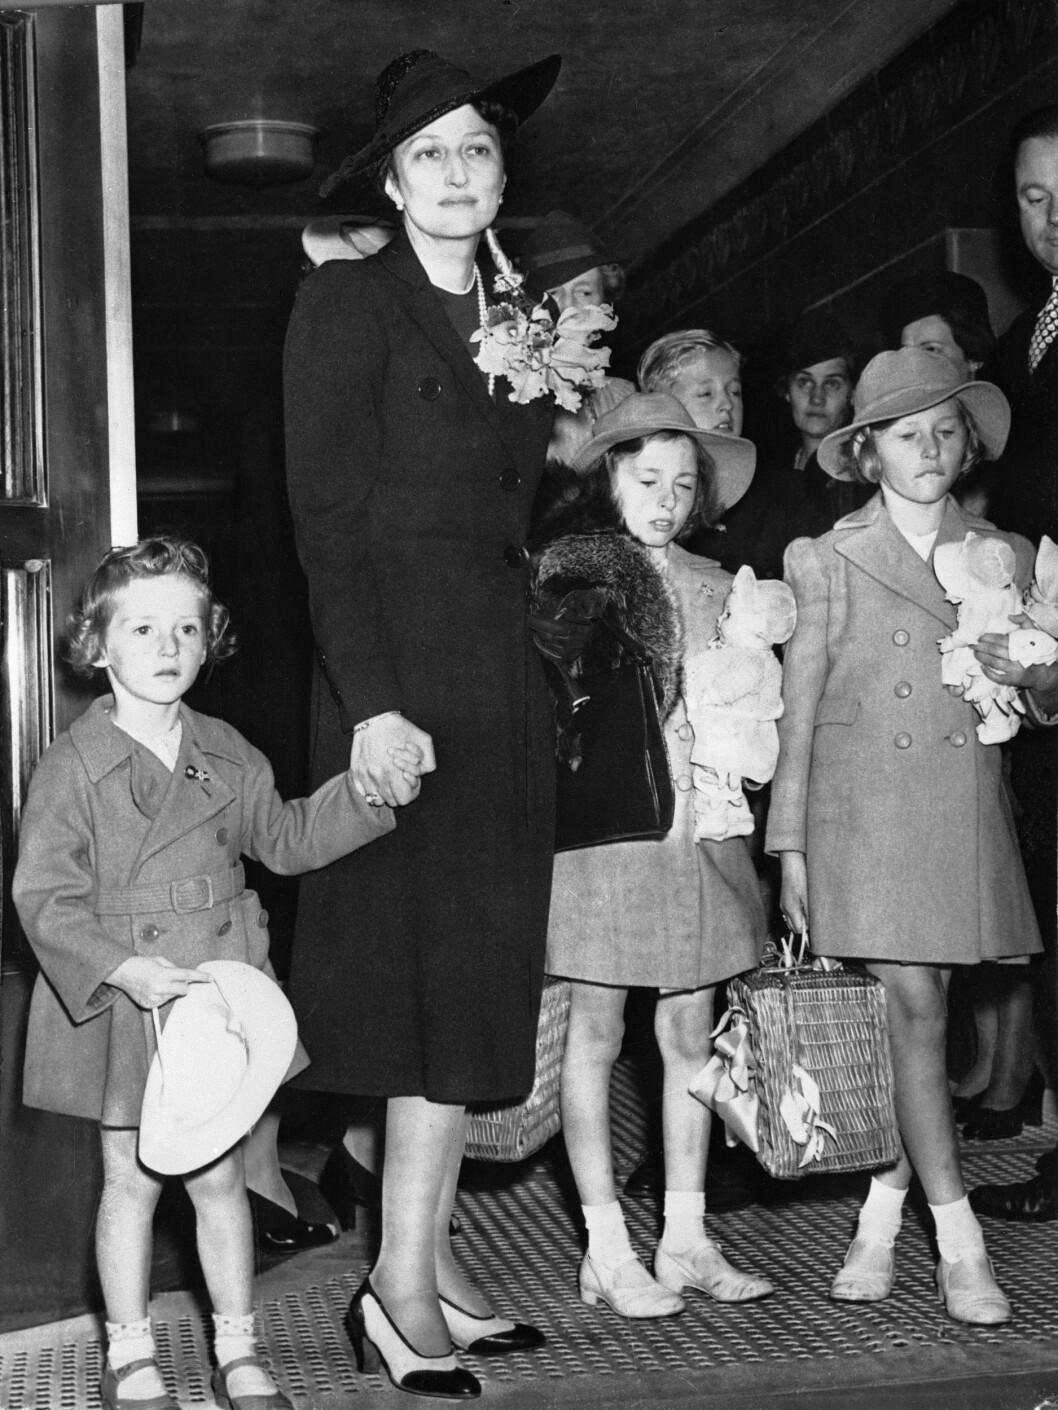 I USA: Kronprinsesse Märtha og barna ankommer USA etter flukten fra Norge via Finland. Fra v: Prins Harald, kronprinsesse Märtha, prinsesse Ragnhild, Prinsesse Astrid, begge med dukker på armen.  Foto: NTB scanpix